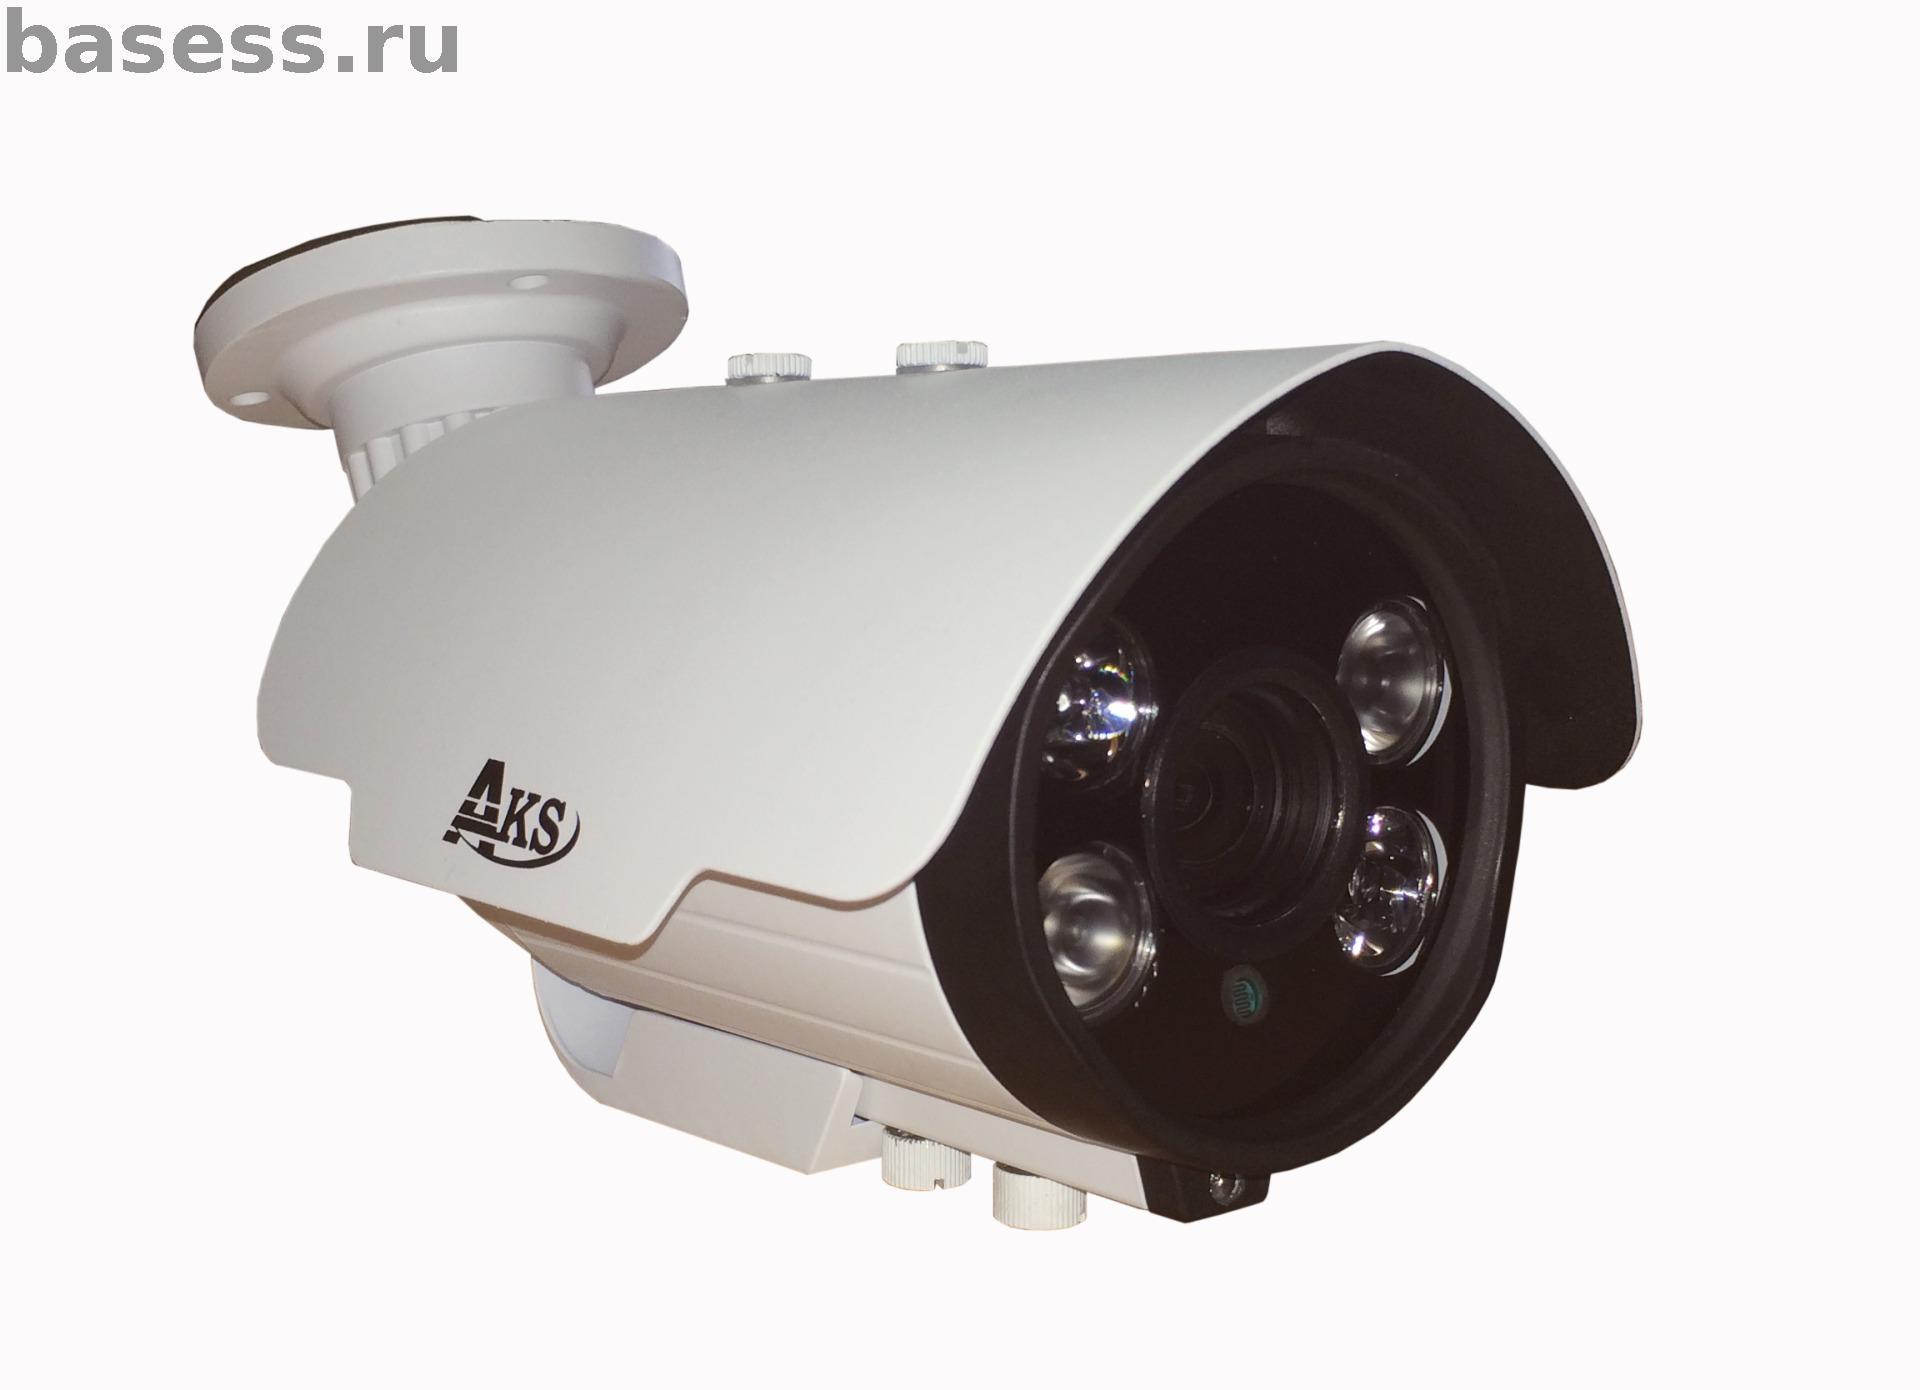 Какой лучше жесткий диск для системы видеонаблюдения